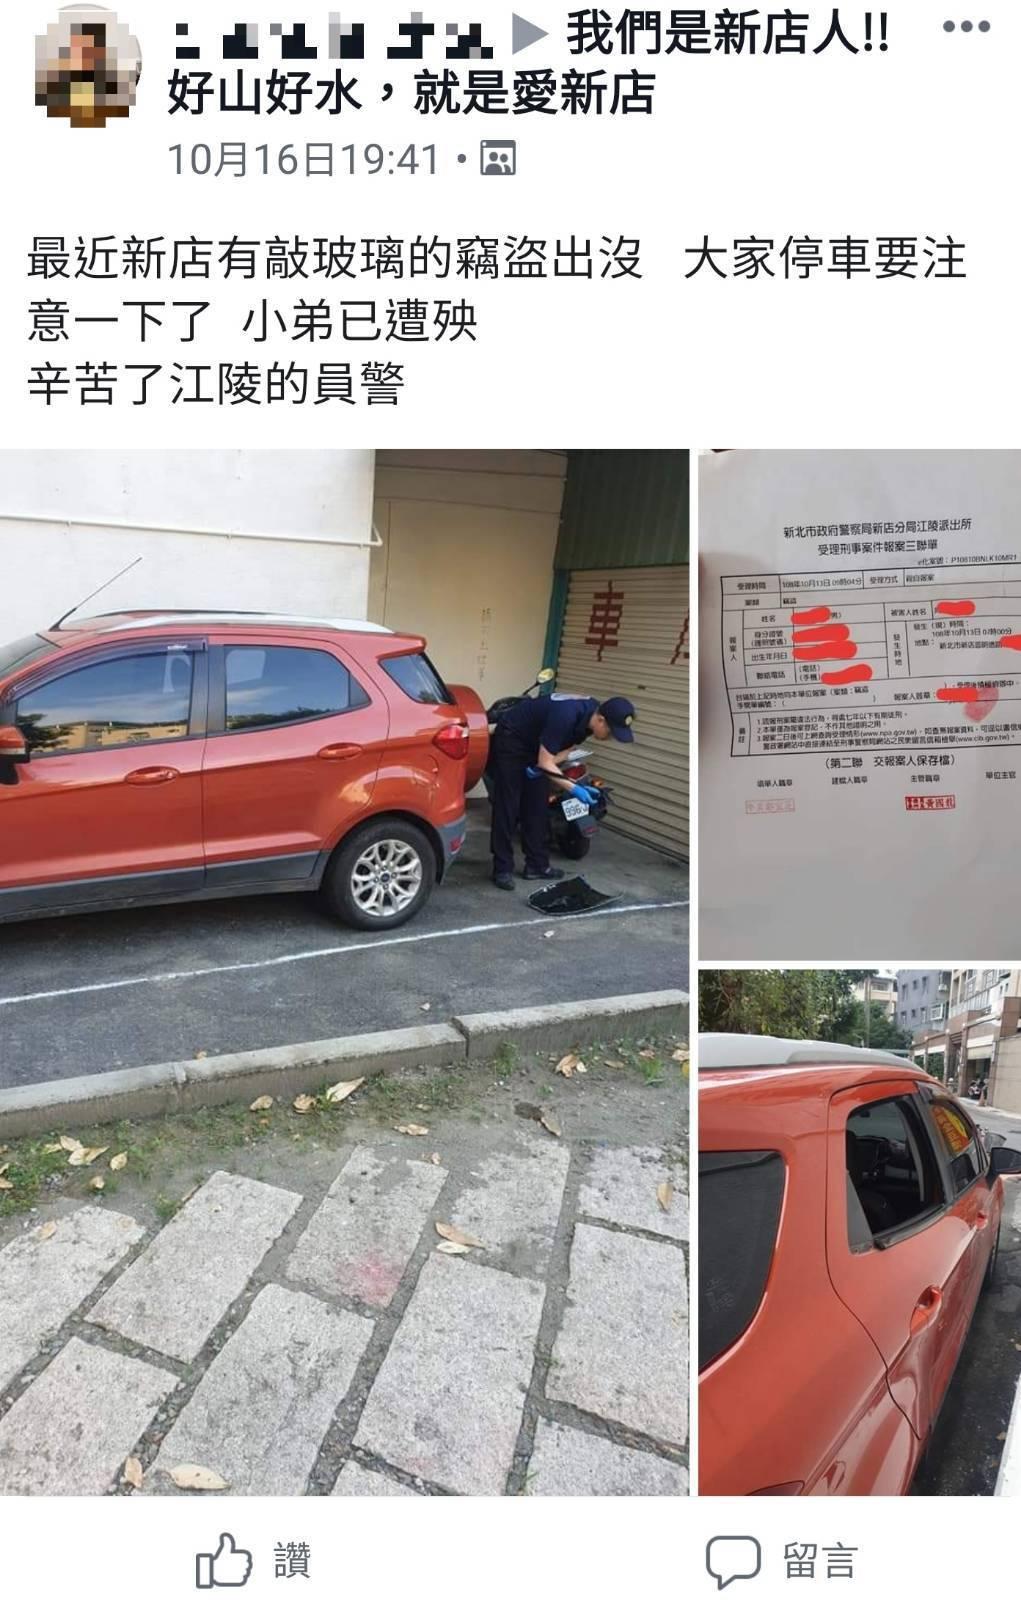 車主PO上照片,提醒民眾「有敲玻璃的竊盜出沒,大家停車要注意」,並無奈表示「玻璃...